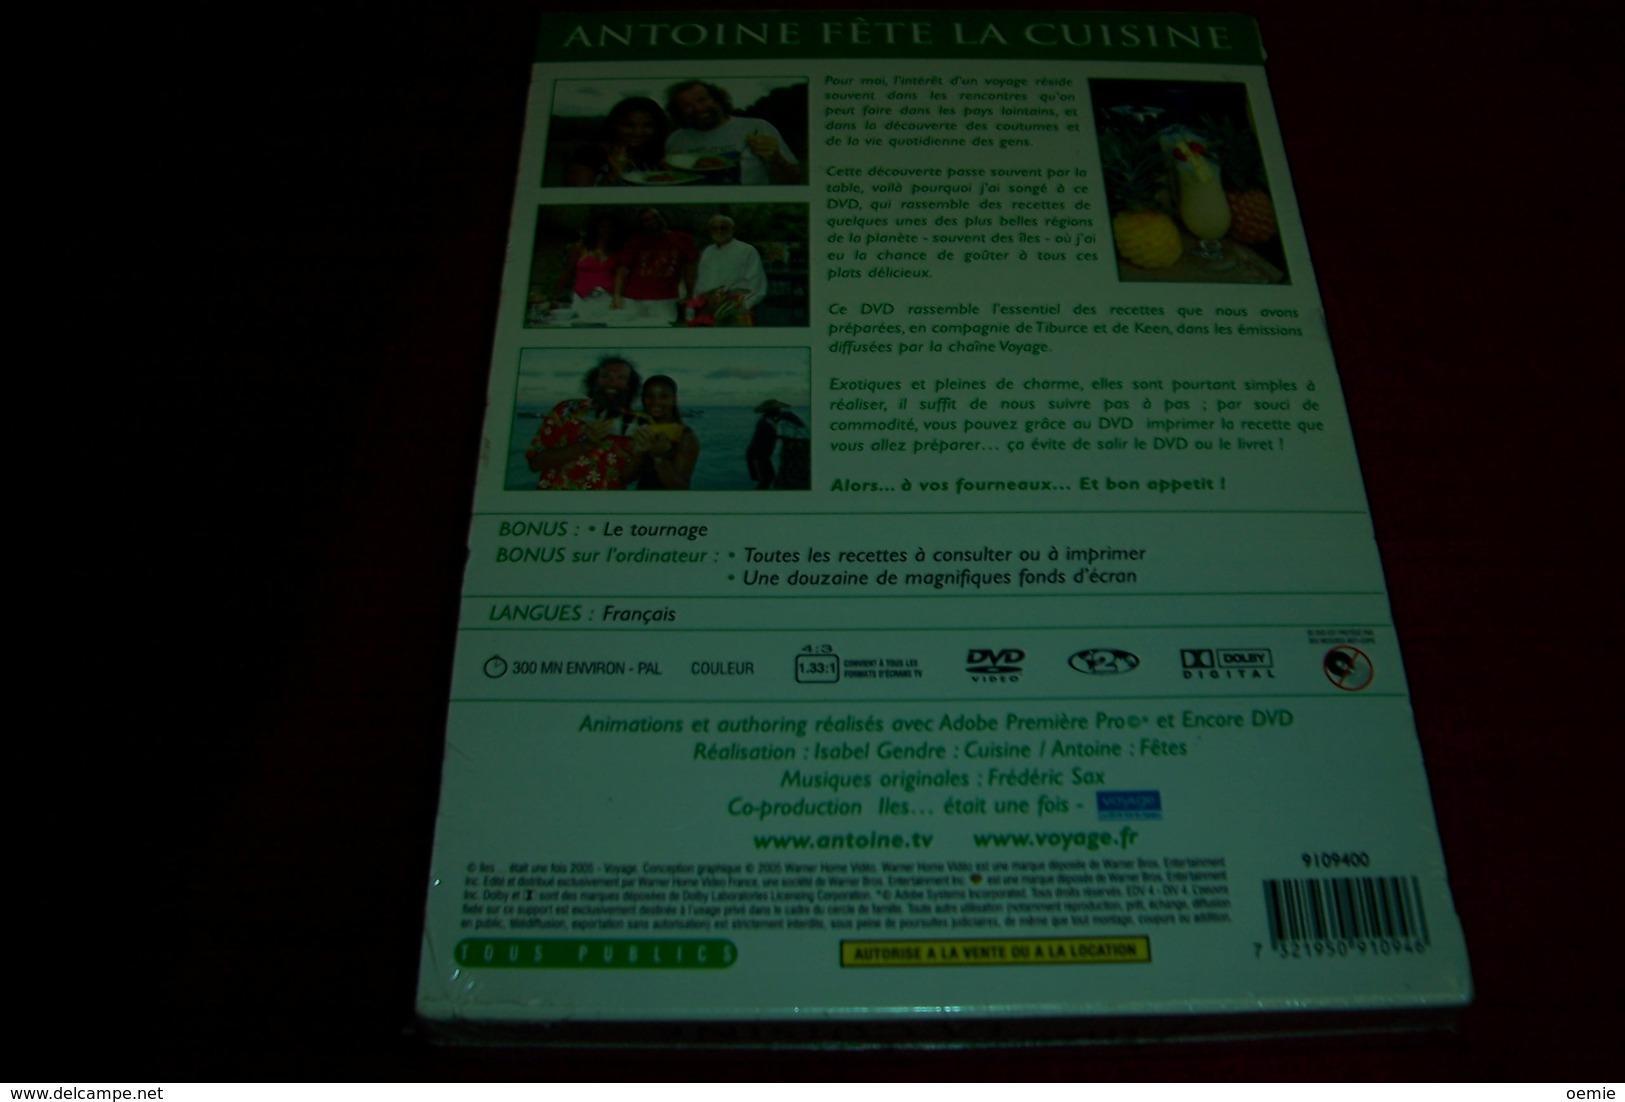 LES RECETTES DE QUELQUES UNE DES PLUS BELLES REGOIONS DE LA PLANETE  PAR ANTOINE °° ANTOINE FETE LA CUISINE - DVD